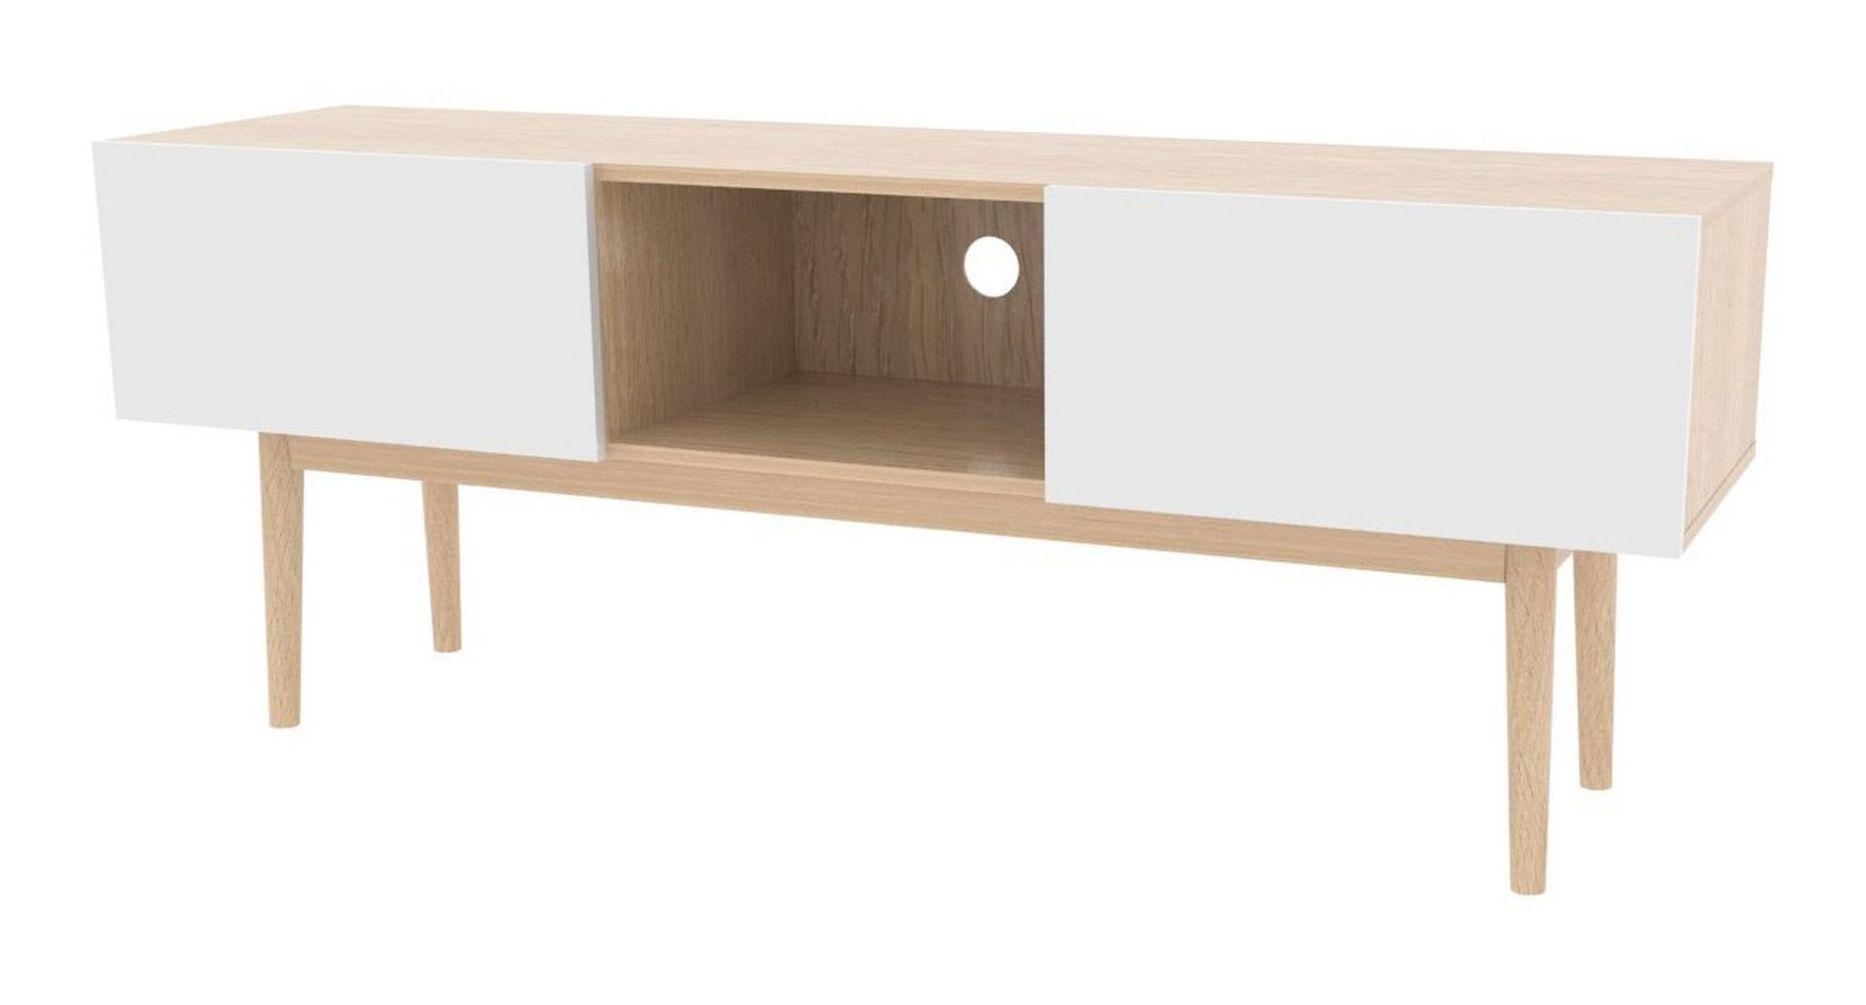 Interstil TV-meubel 'Bergen' 150cm, kleur eiken/wit Kasten   Tv-Meubels & Tv-Kasten kopen